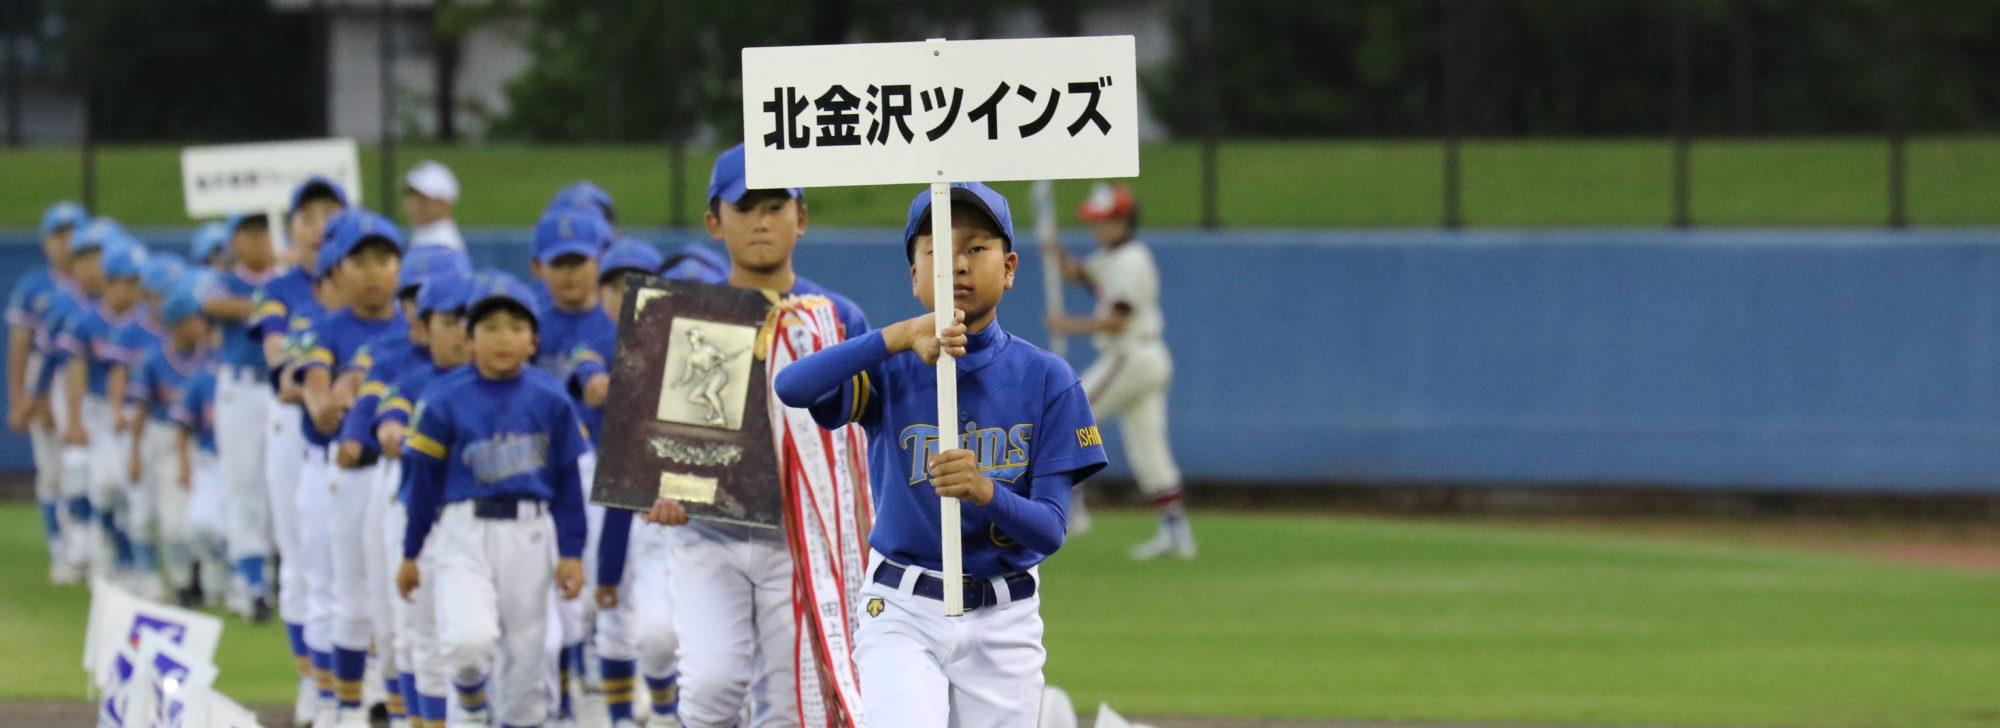 金沢市学童野球連盟